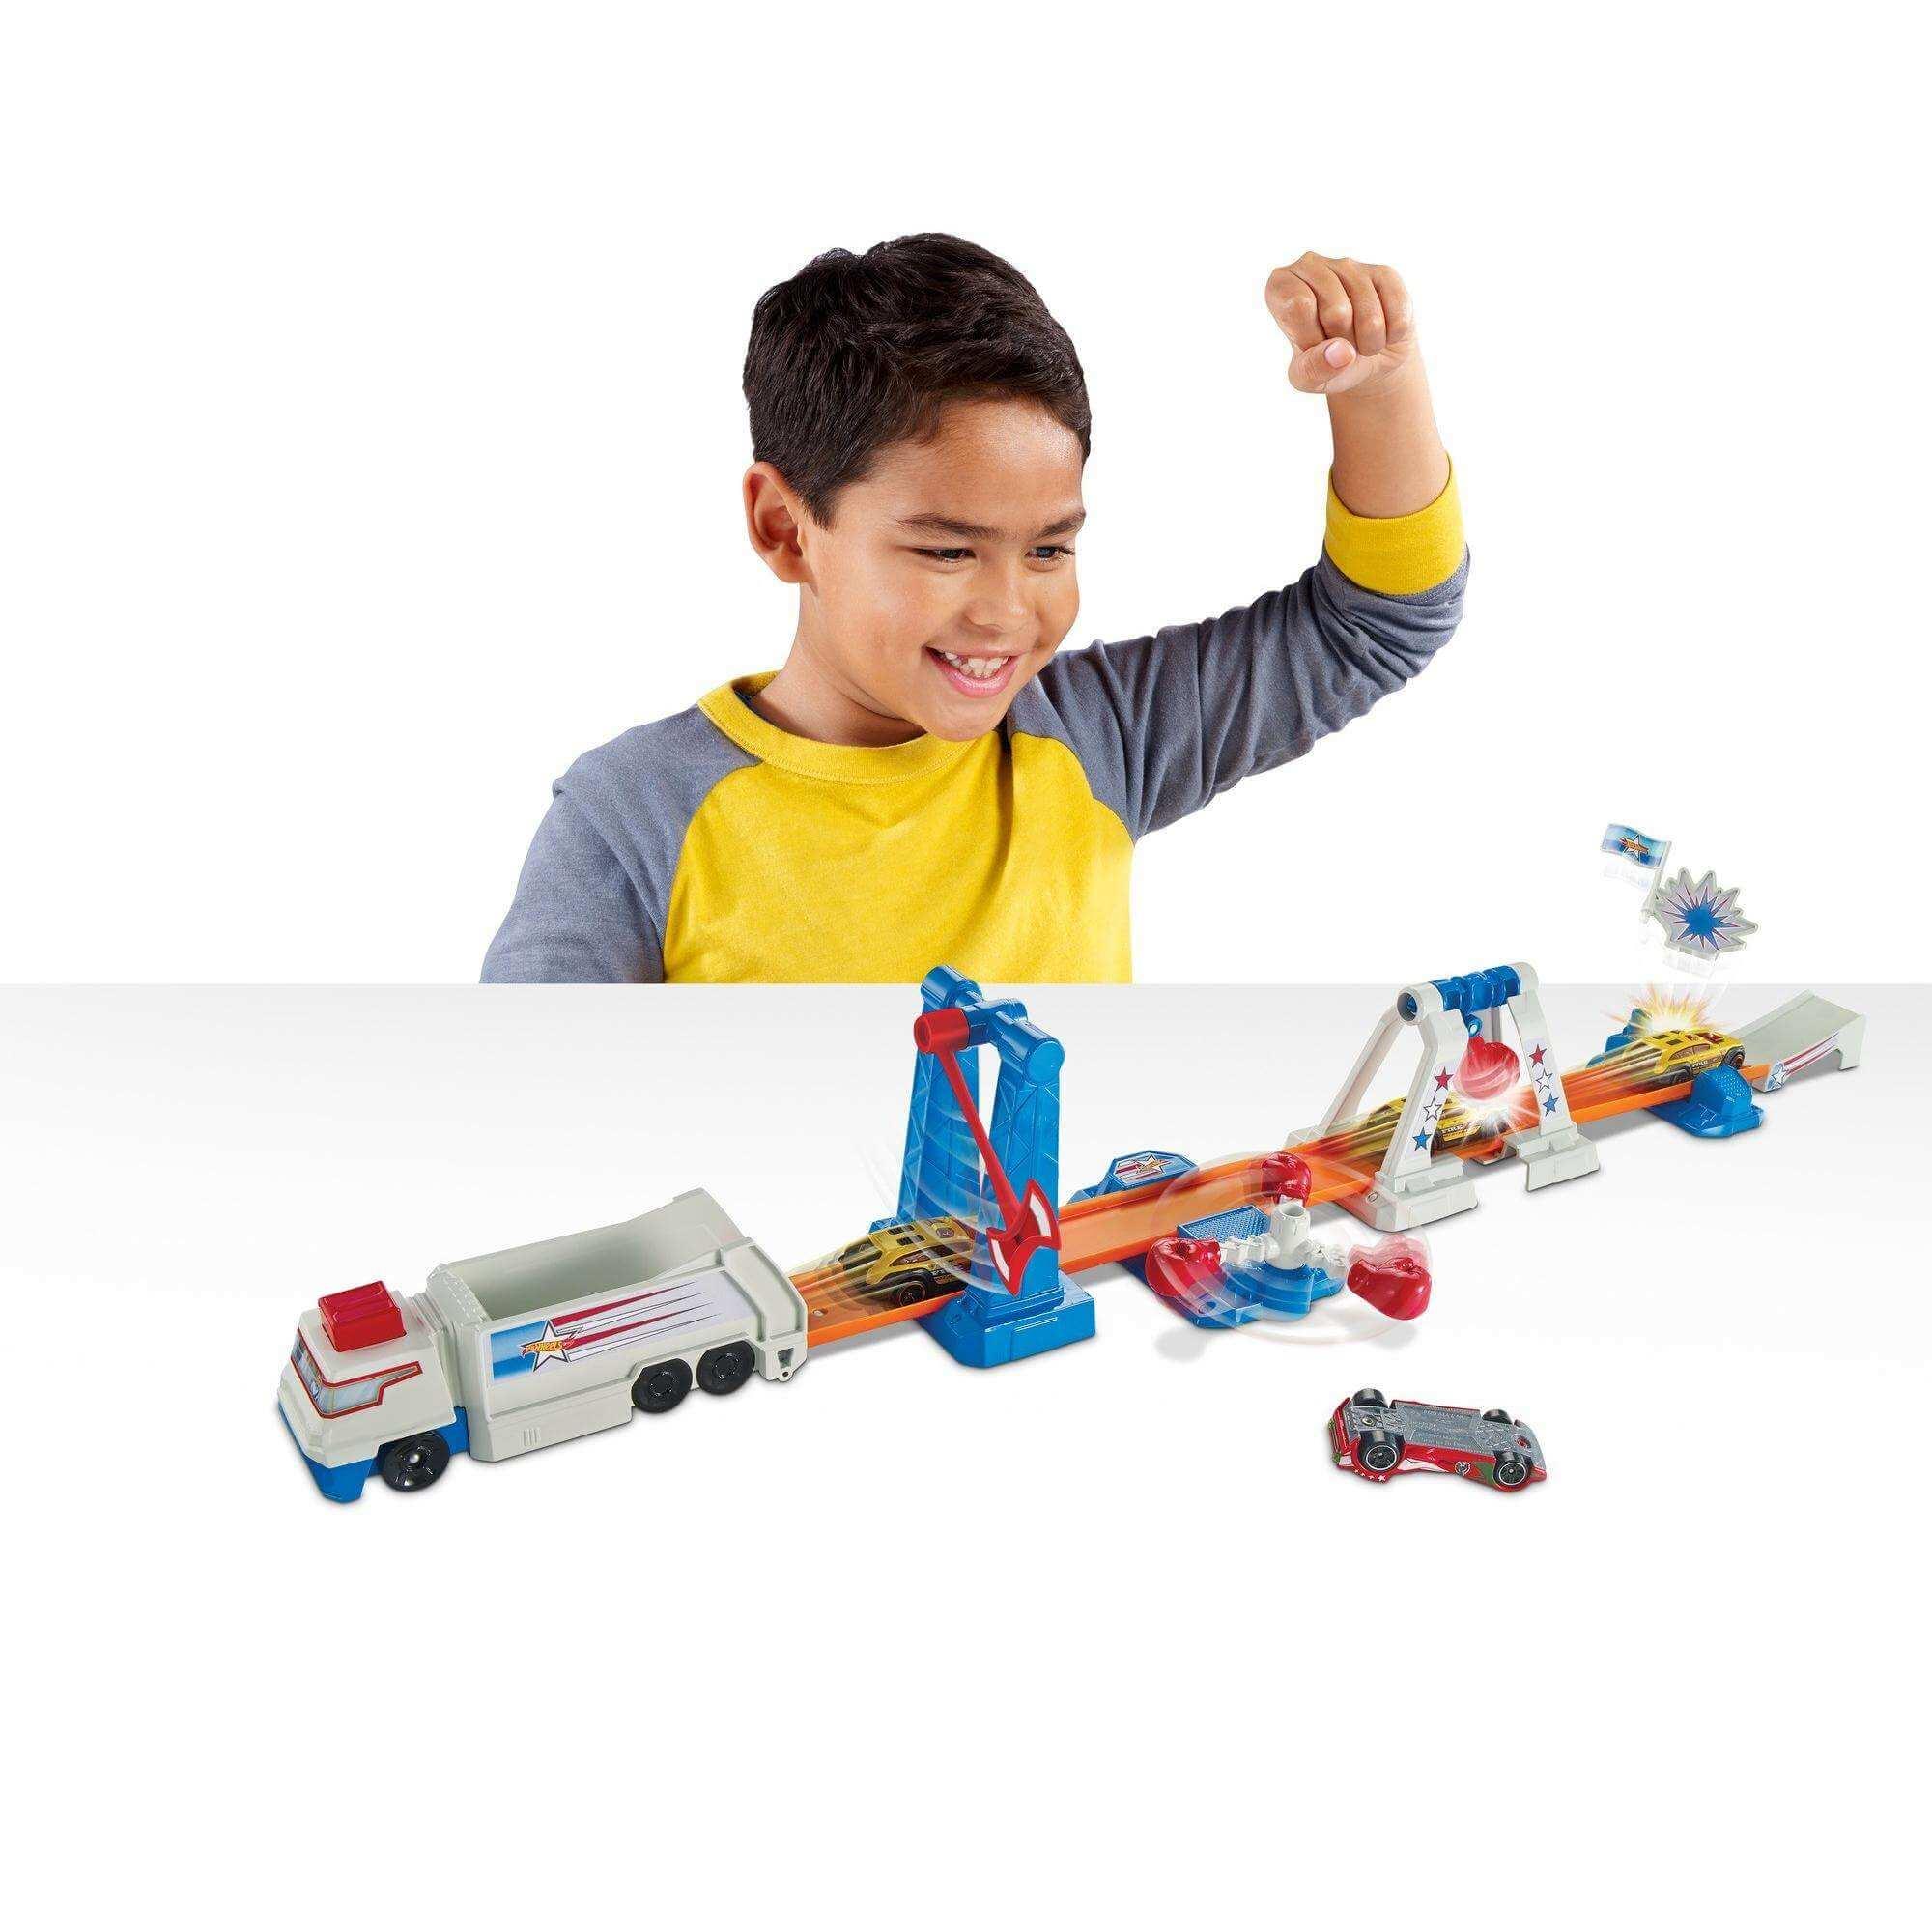 мальчик играет с набором